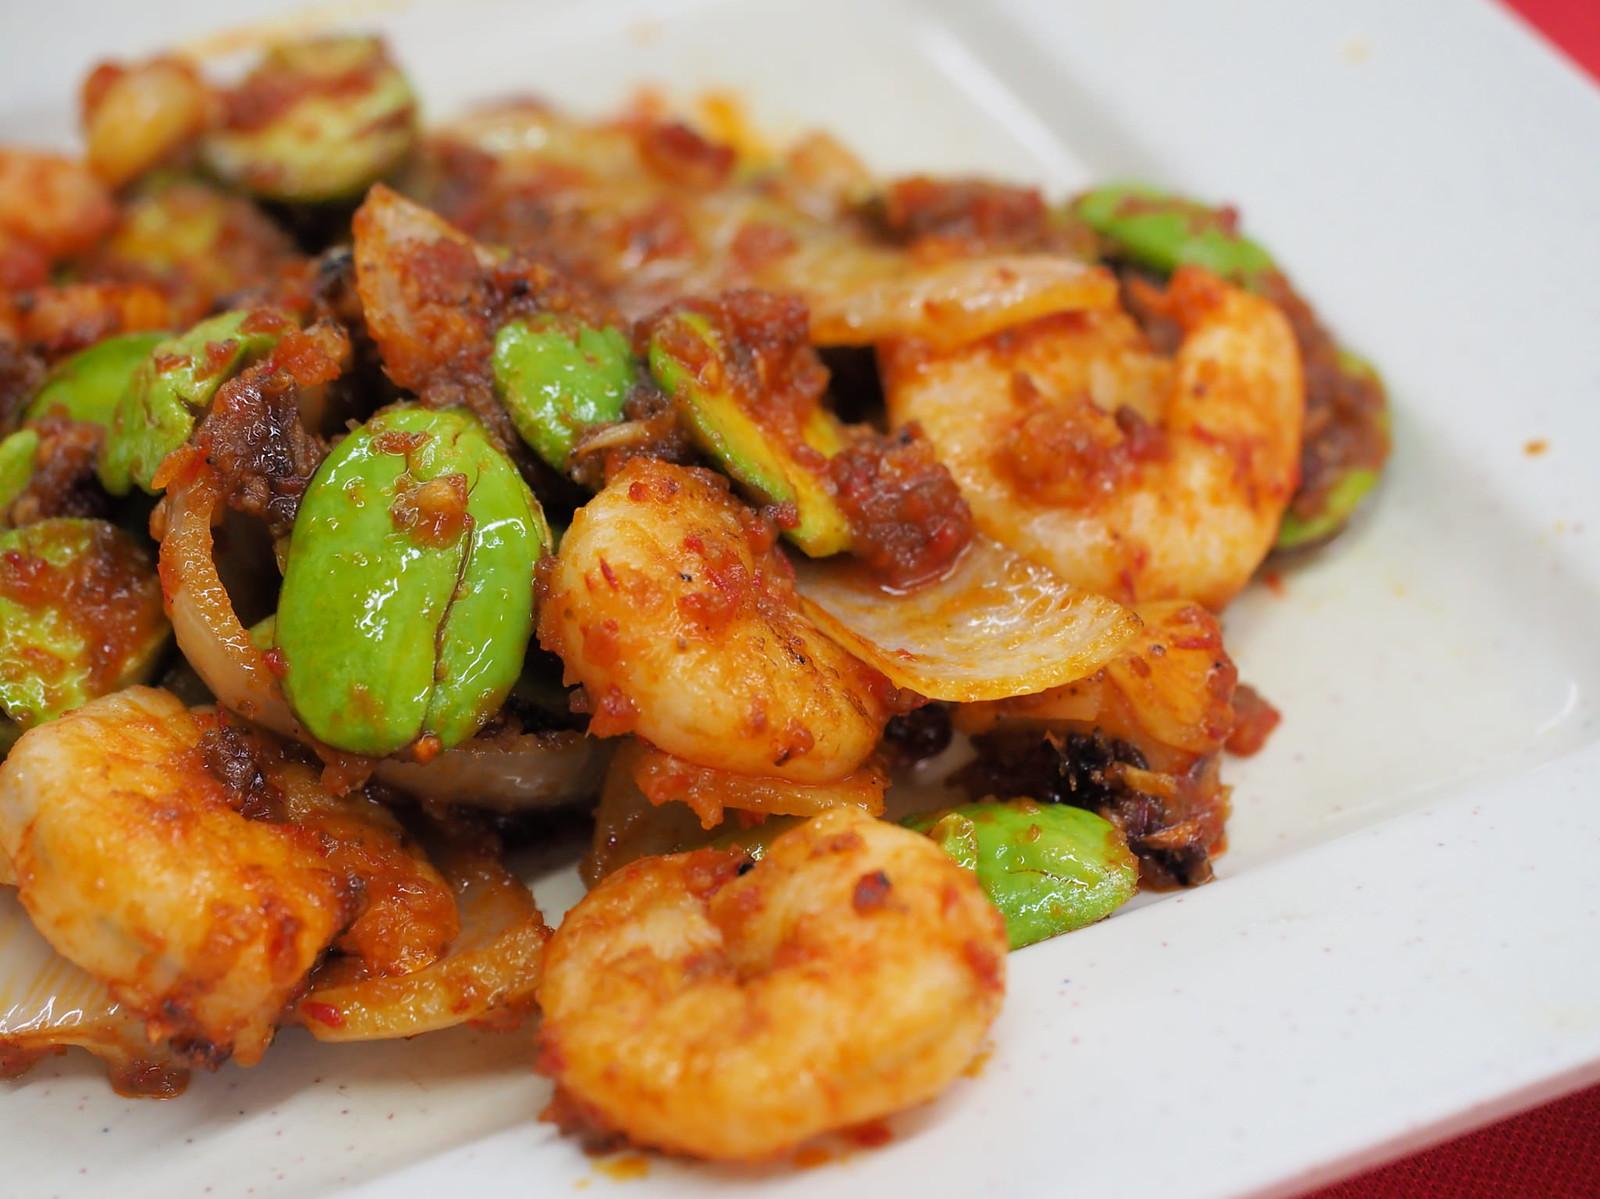 Sambal Petai Prawn from Pangkor Village Seafood, Taman Megah